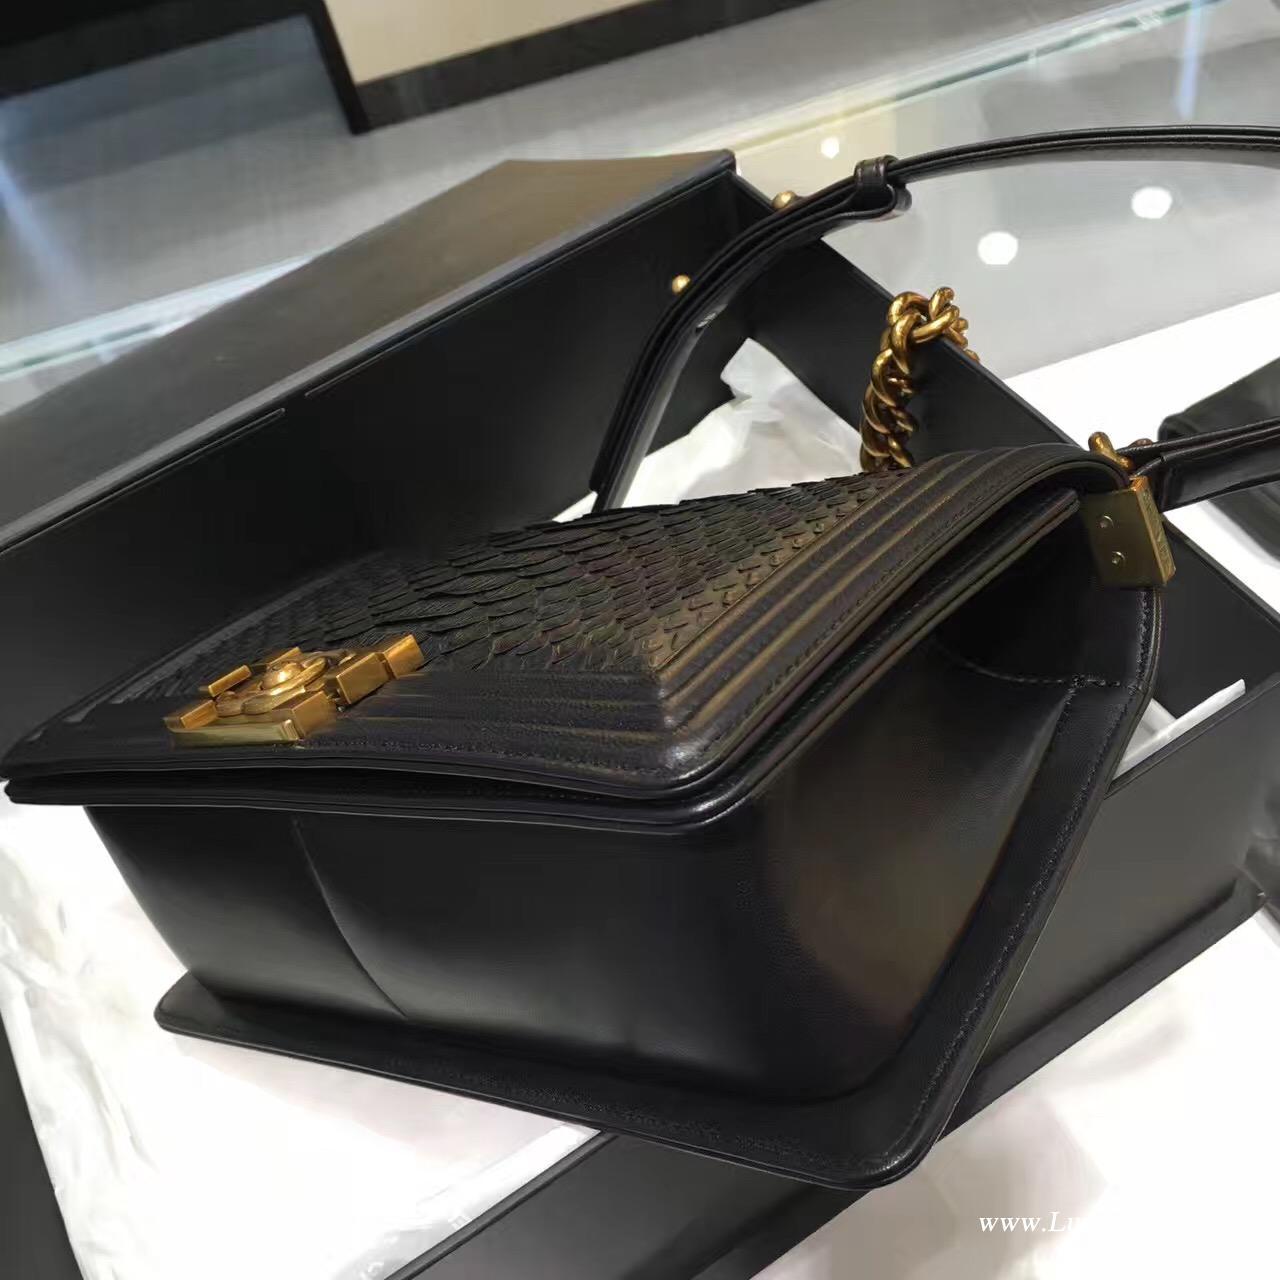 小香le boy bag包包 黑色蟒蛇皮20cm/25cm复古金银金属链条包 辣妈包